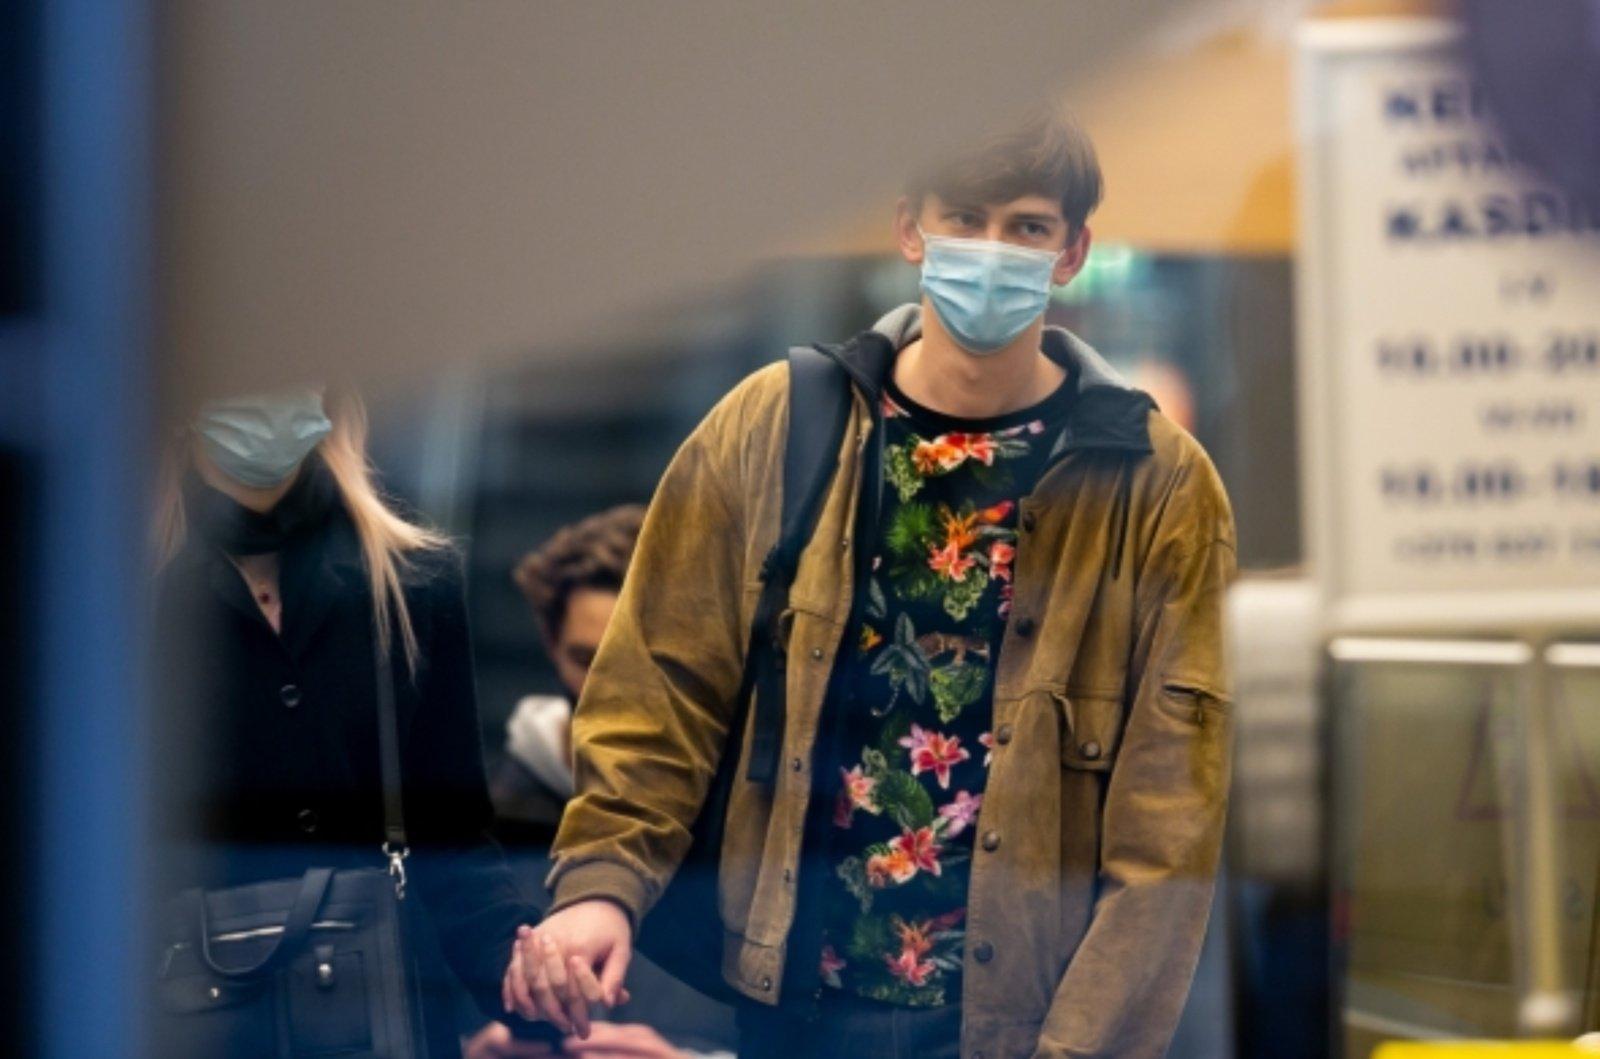 Svarbiausi trečiadienio įvykiai: vyriausybės sprendimai dėl koronaviruso ir migrantų krizė